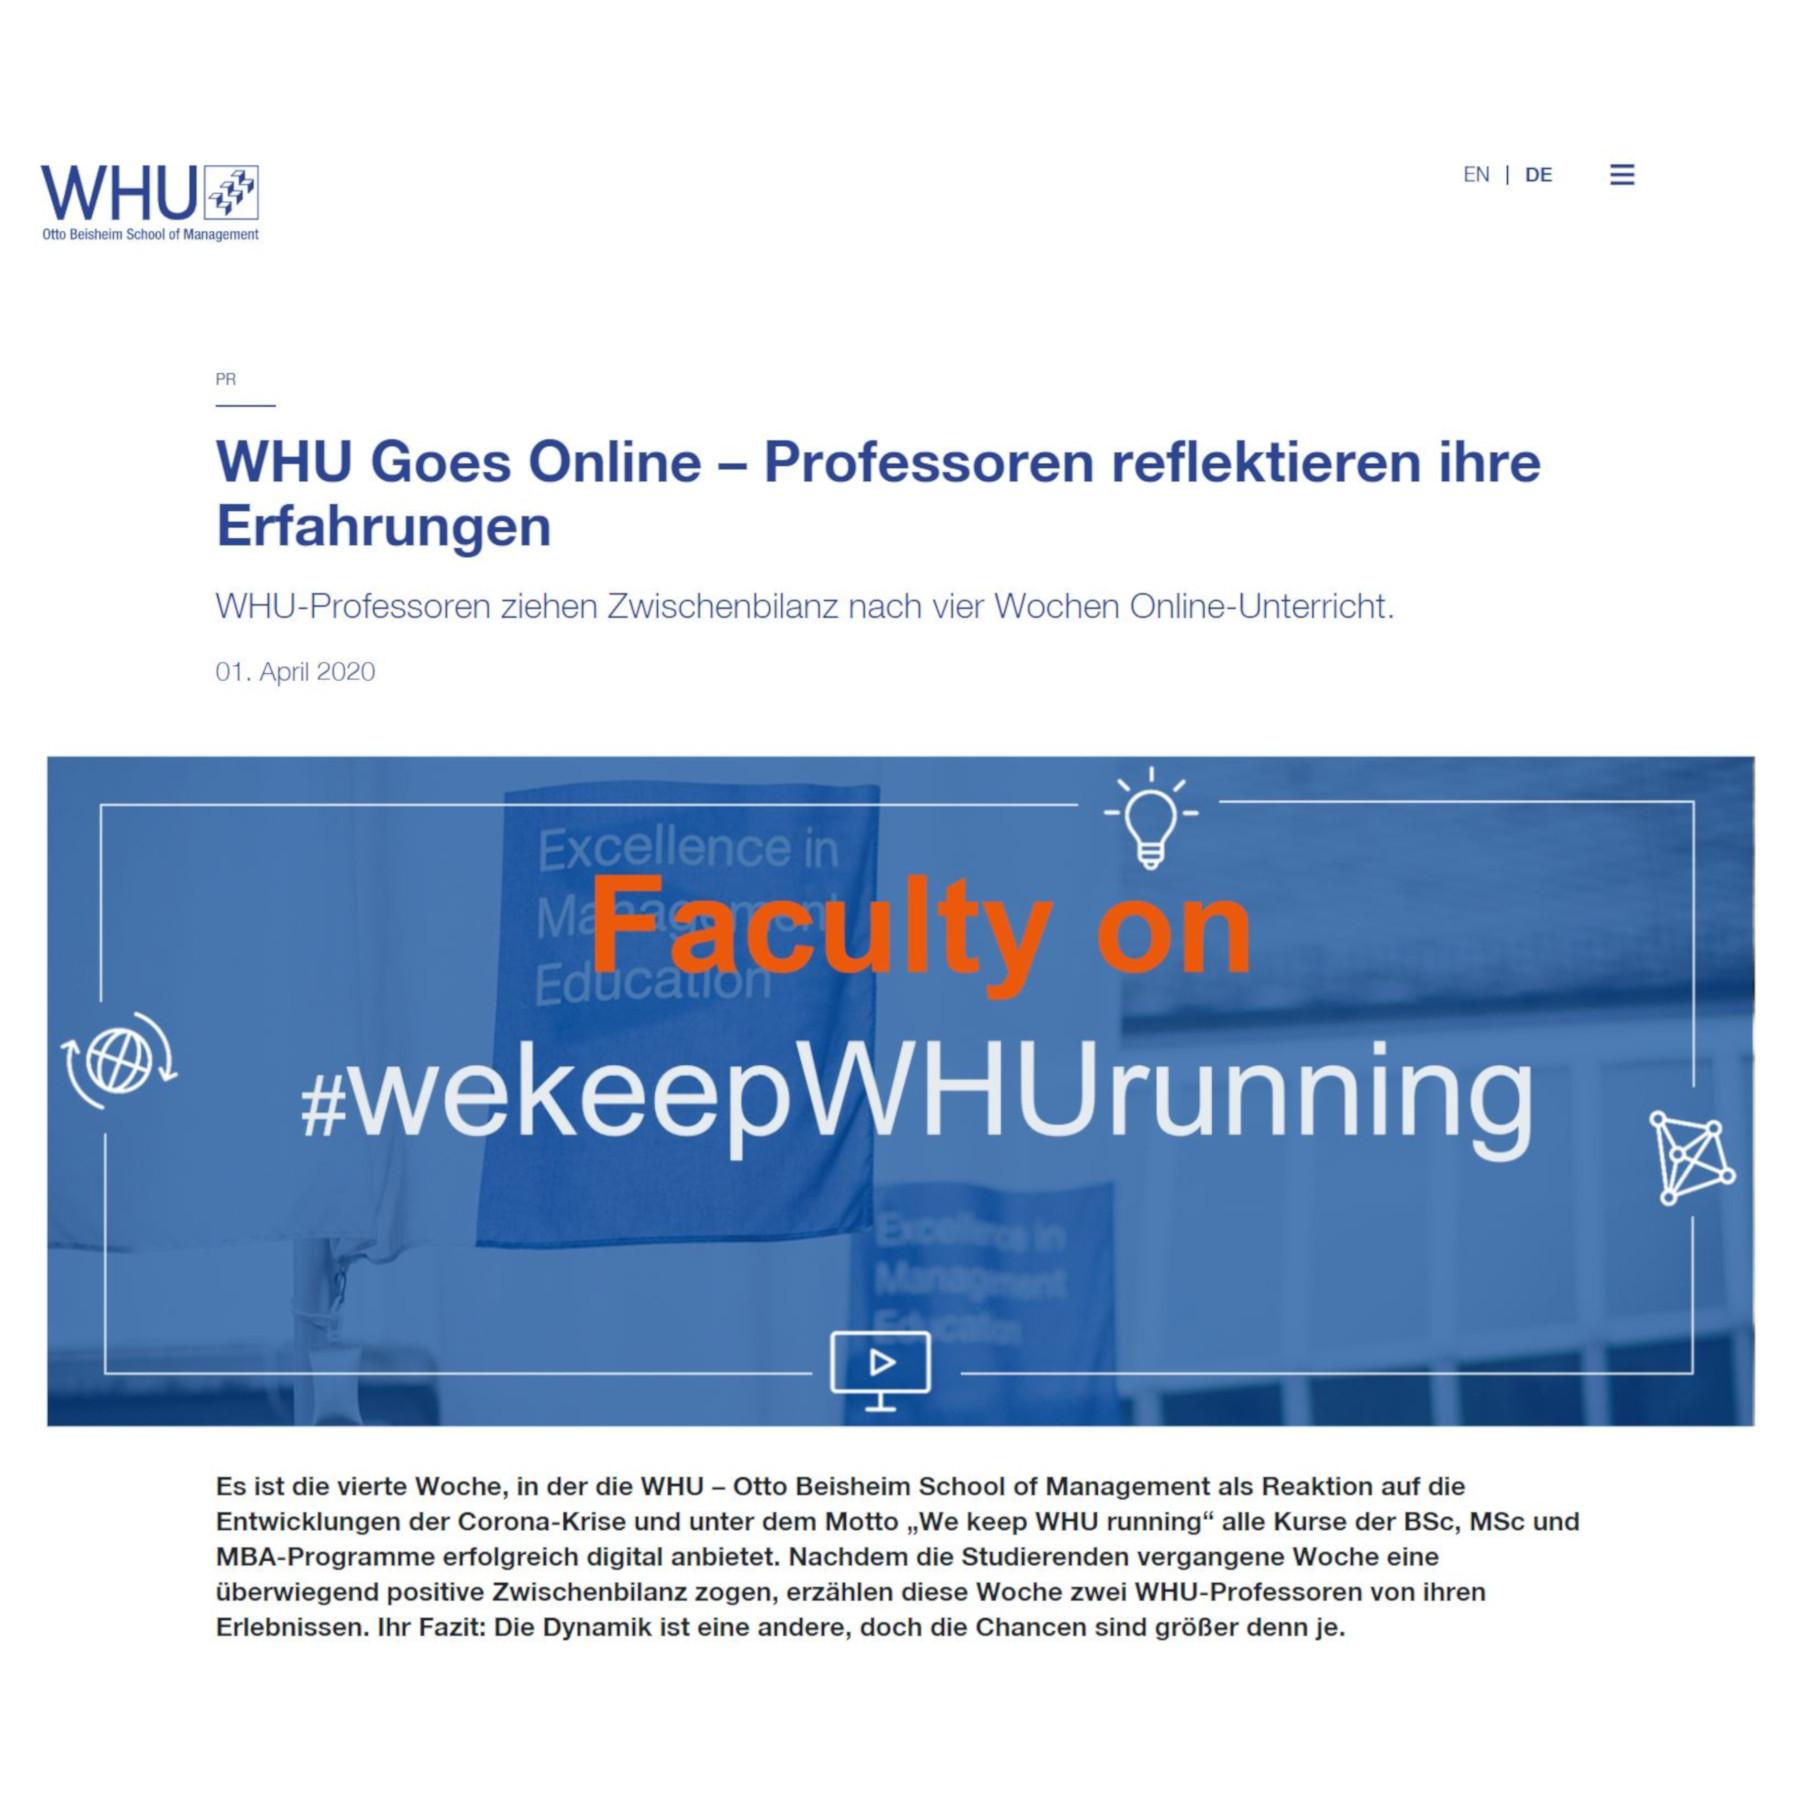 WHU Goes Online – Professoren reflektieren ihre Erfahrungen